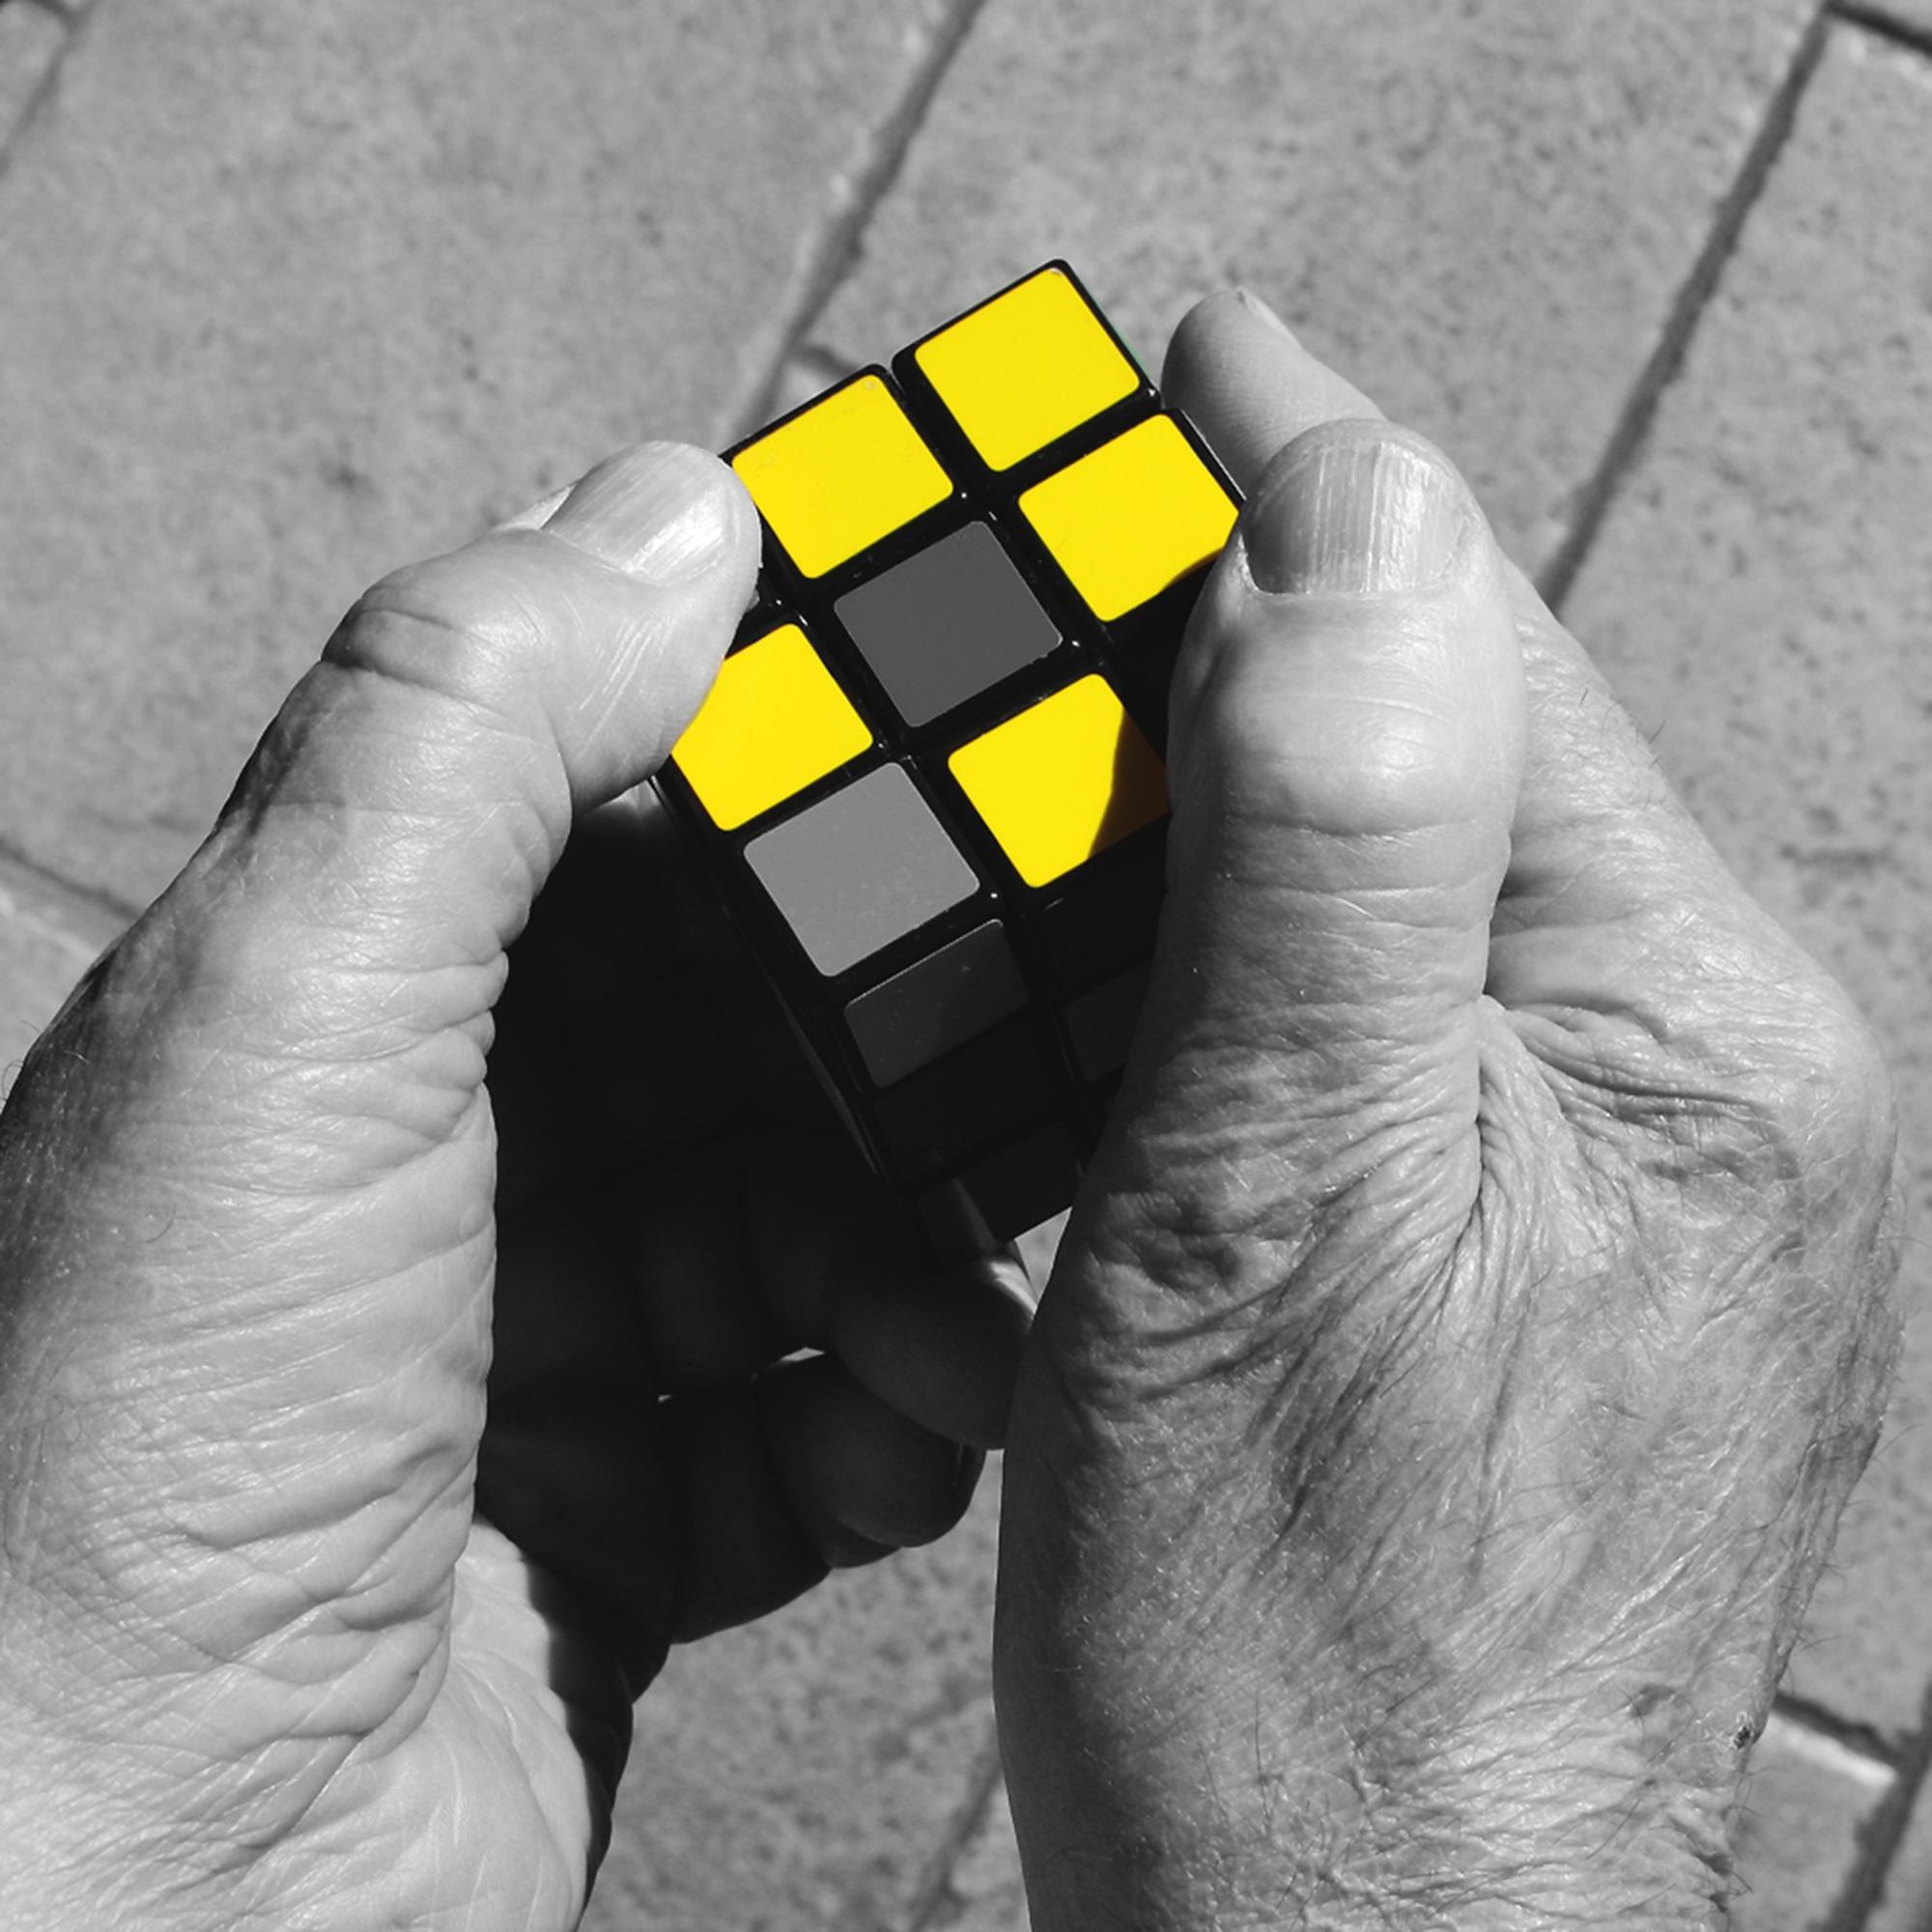 Кубики на руках картинки